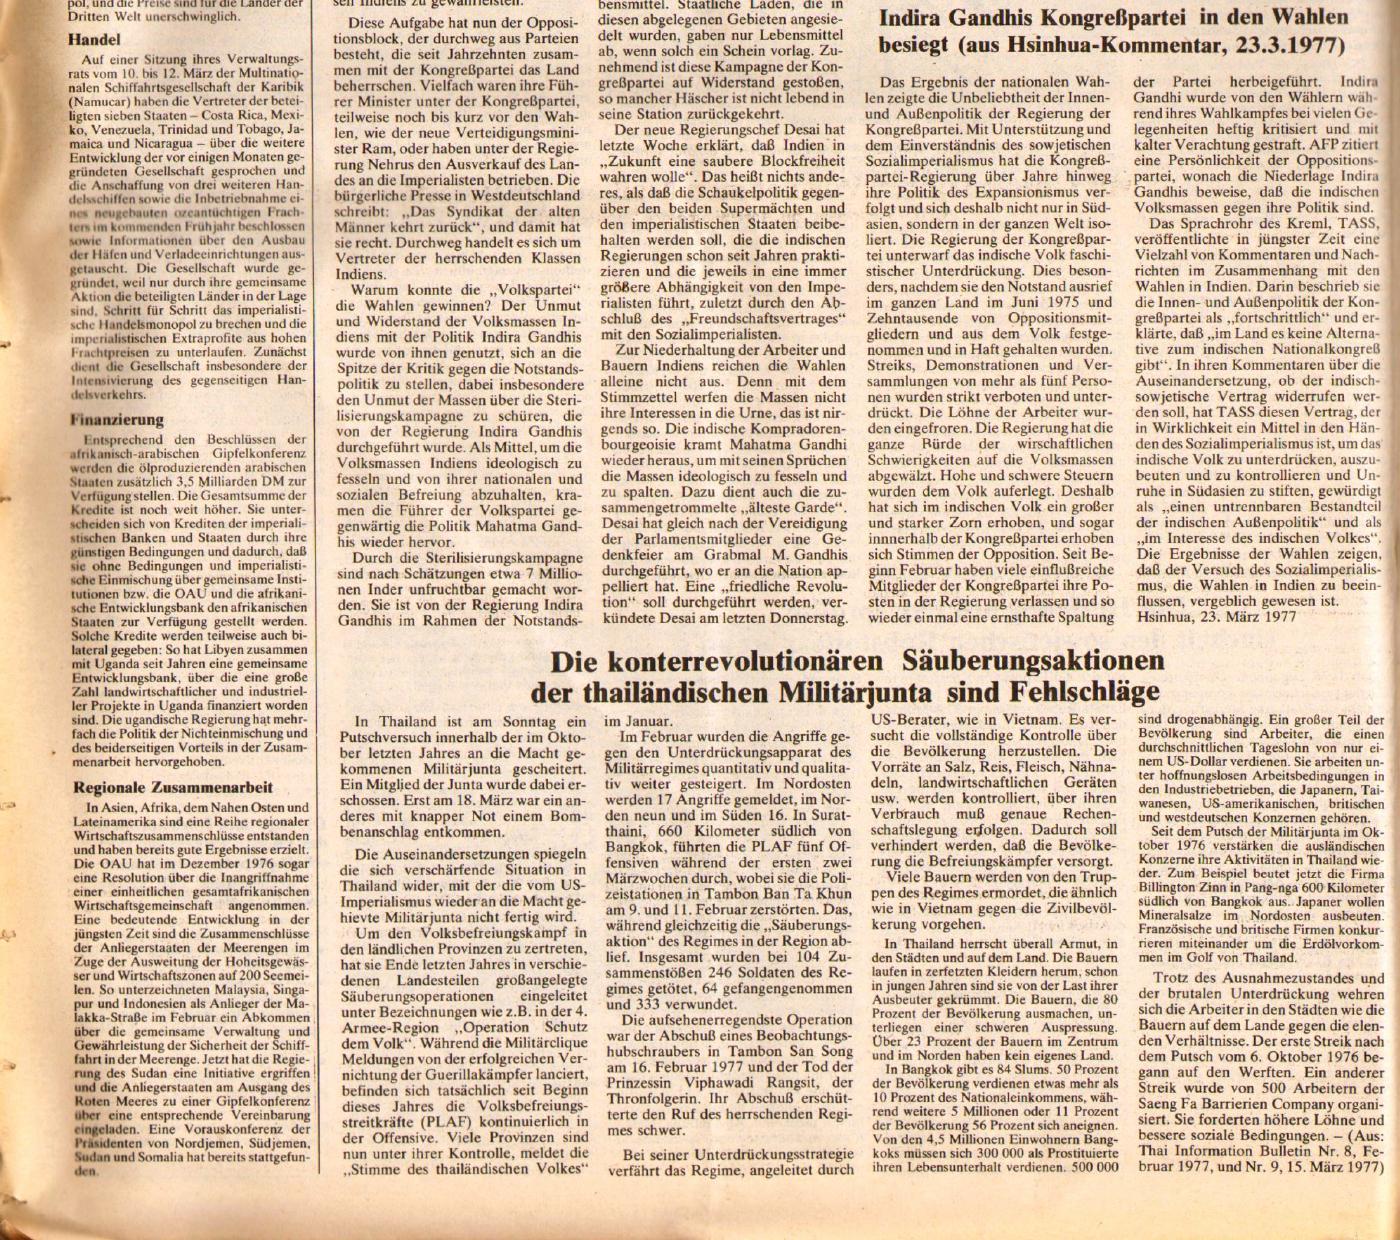 KVZ_Nord_1977_13_28